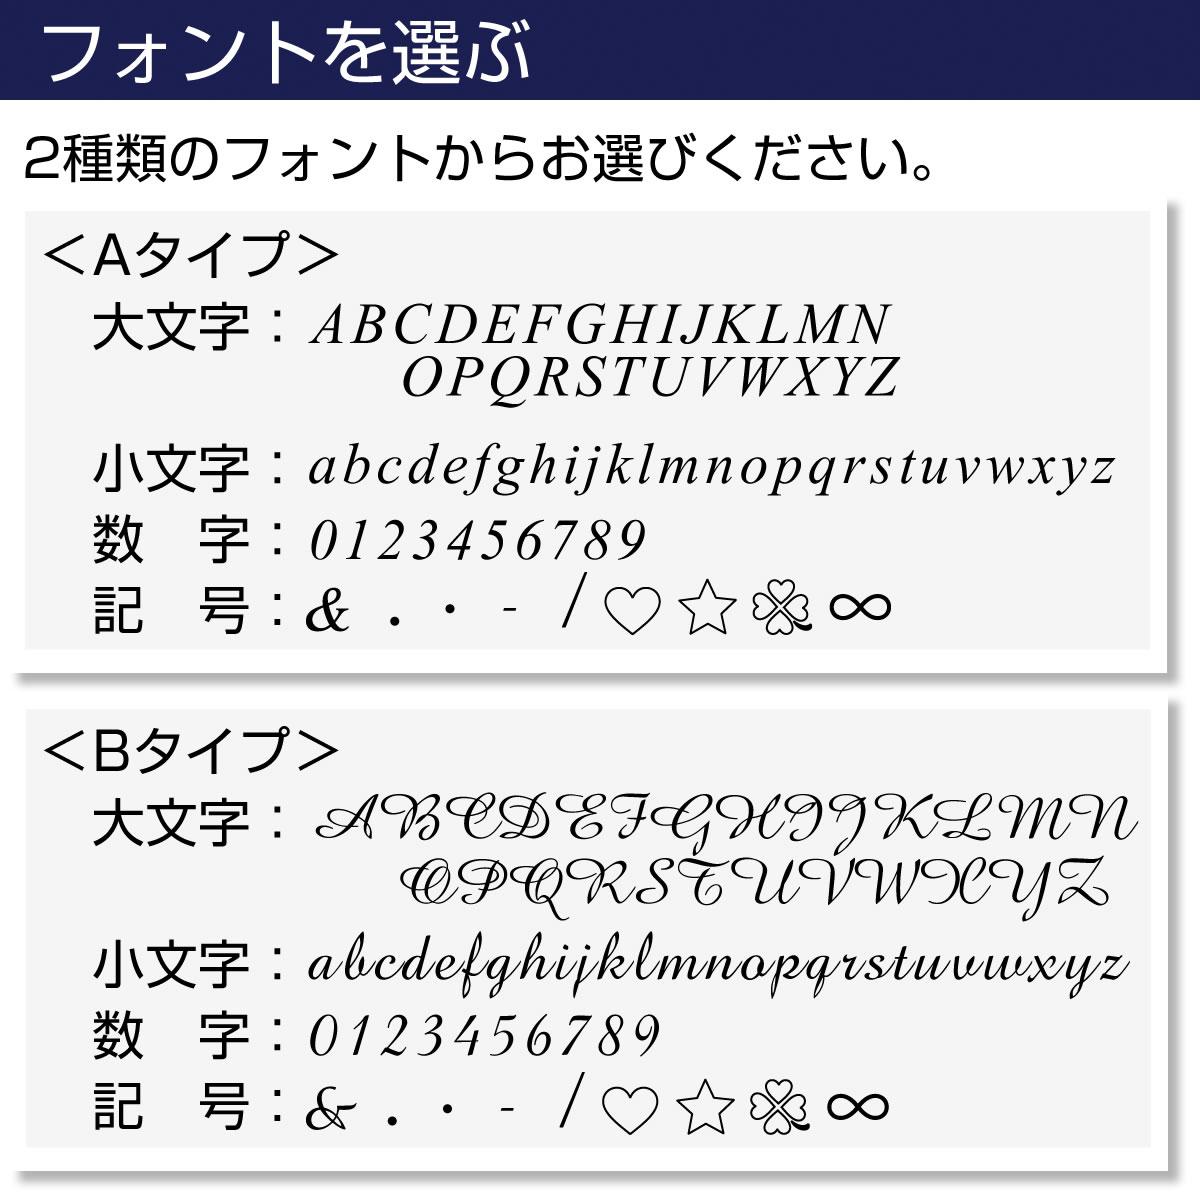 刻印可 20文字THE KISS COUPLE'S THE KISS 公式サイト セミオーダー シルバー ペアリングレディース 単品ペアアクセサリー カップル に 人気 の ジュエリーブランド THEKISS ペア リング・指輪 誕生石 ザキス BD R1500SVPI送料無料lF1JTK3c